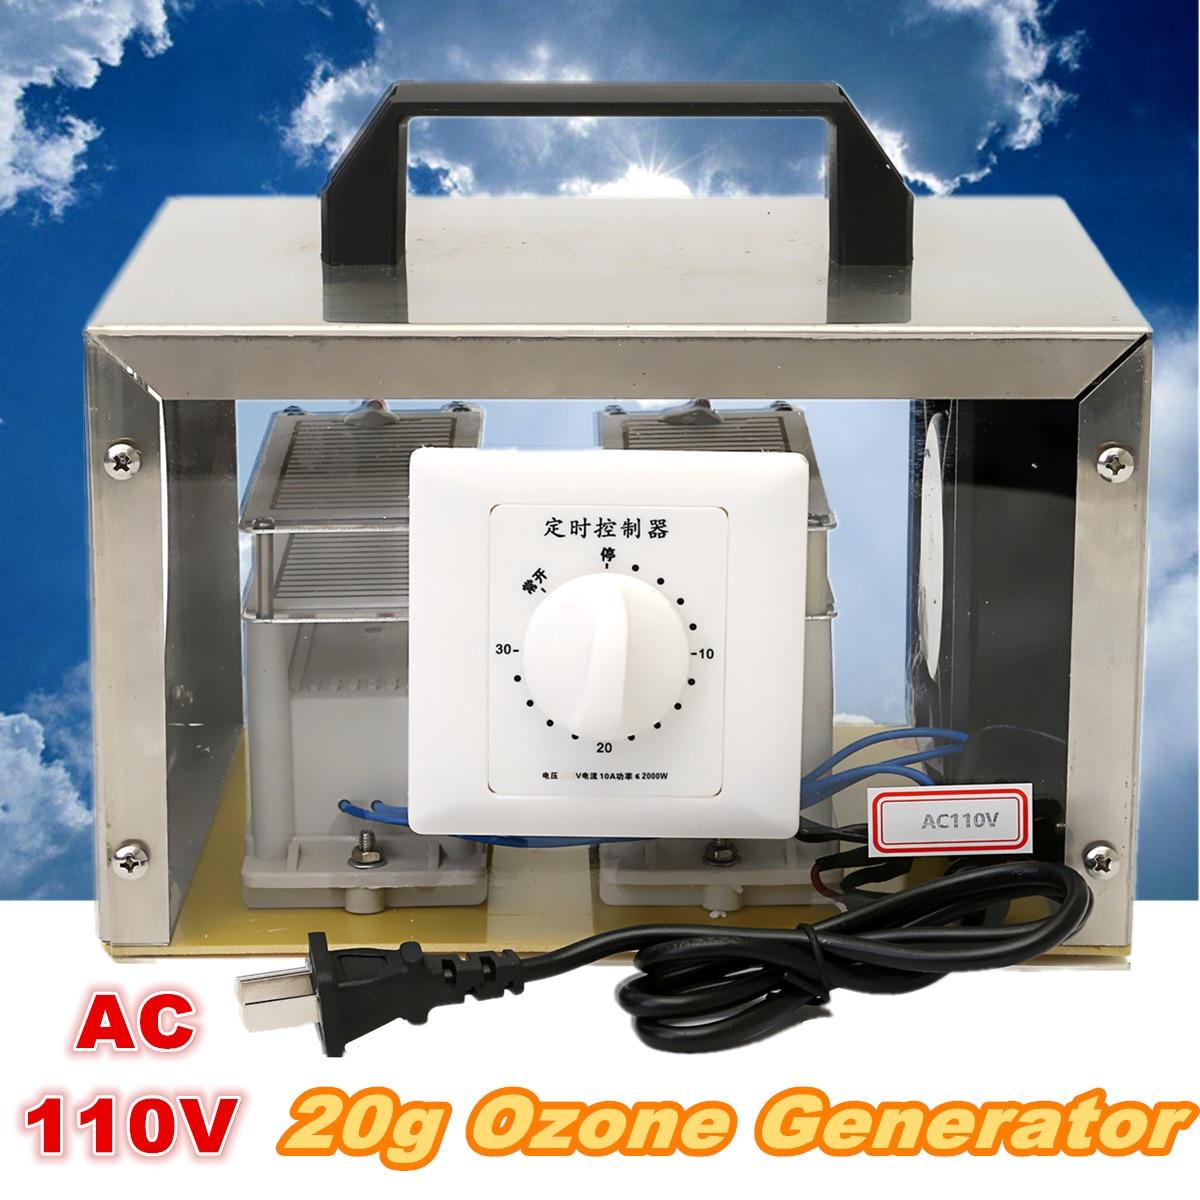 Honme Car Protable Ac 110v 20g Ozone Generator